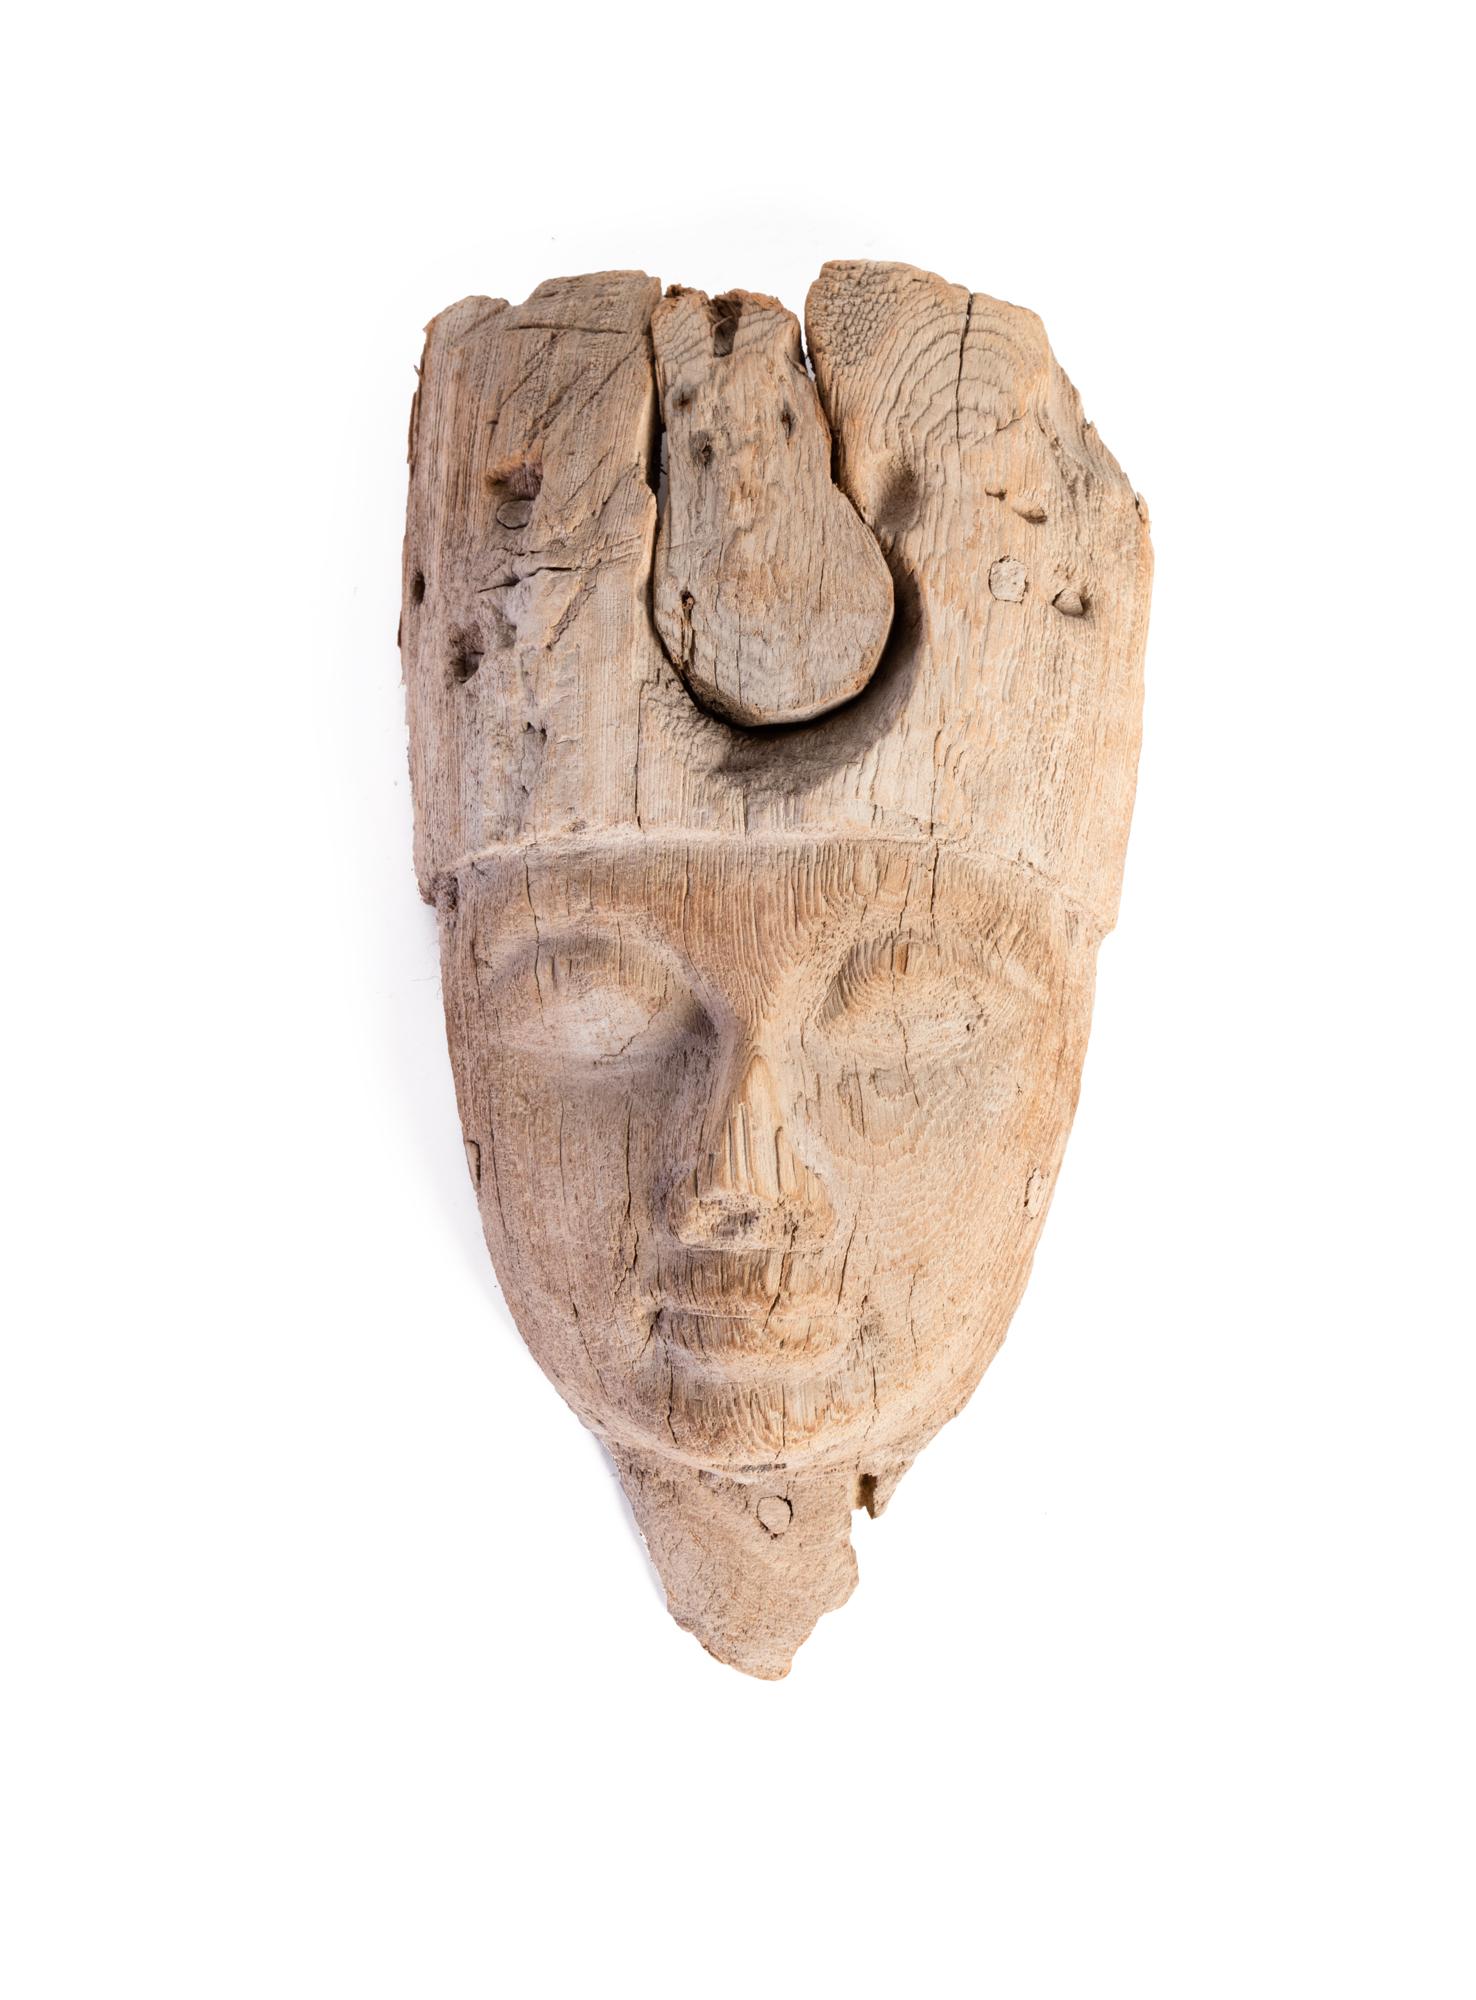 Antica maschera egizia in legno